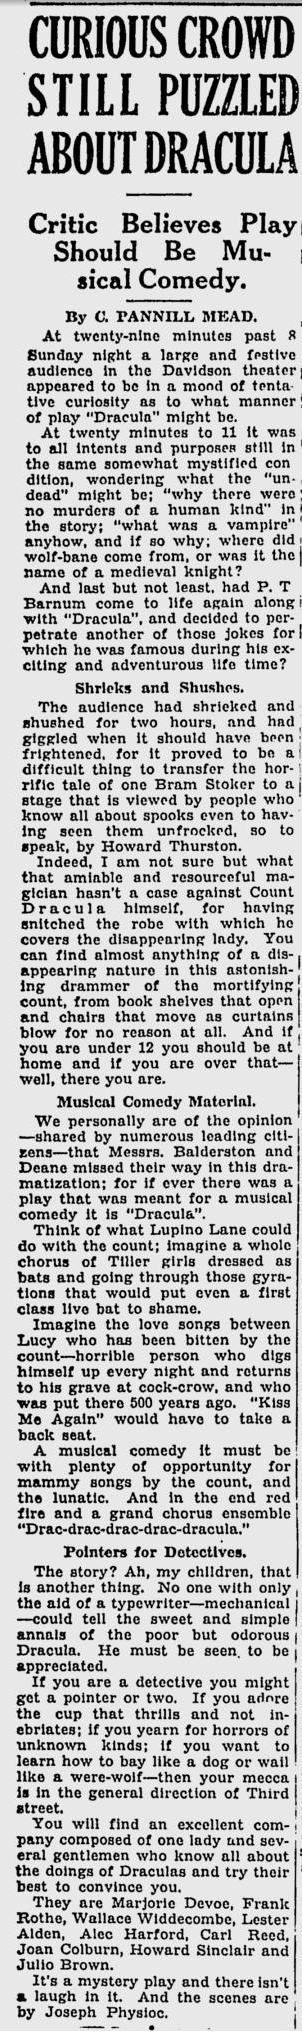 Milwaukee Sentinel April 7 1930